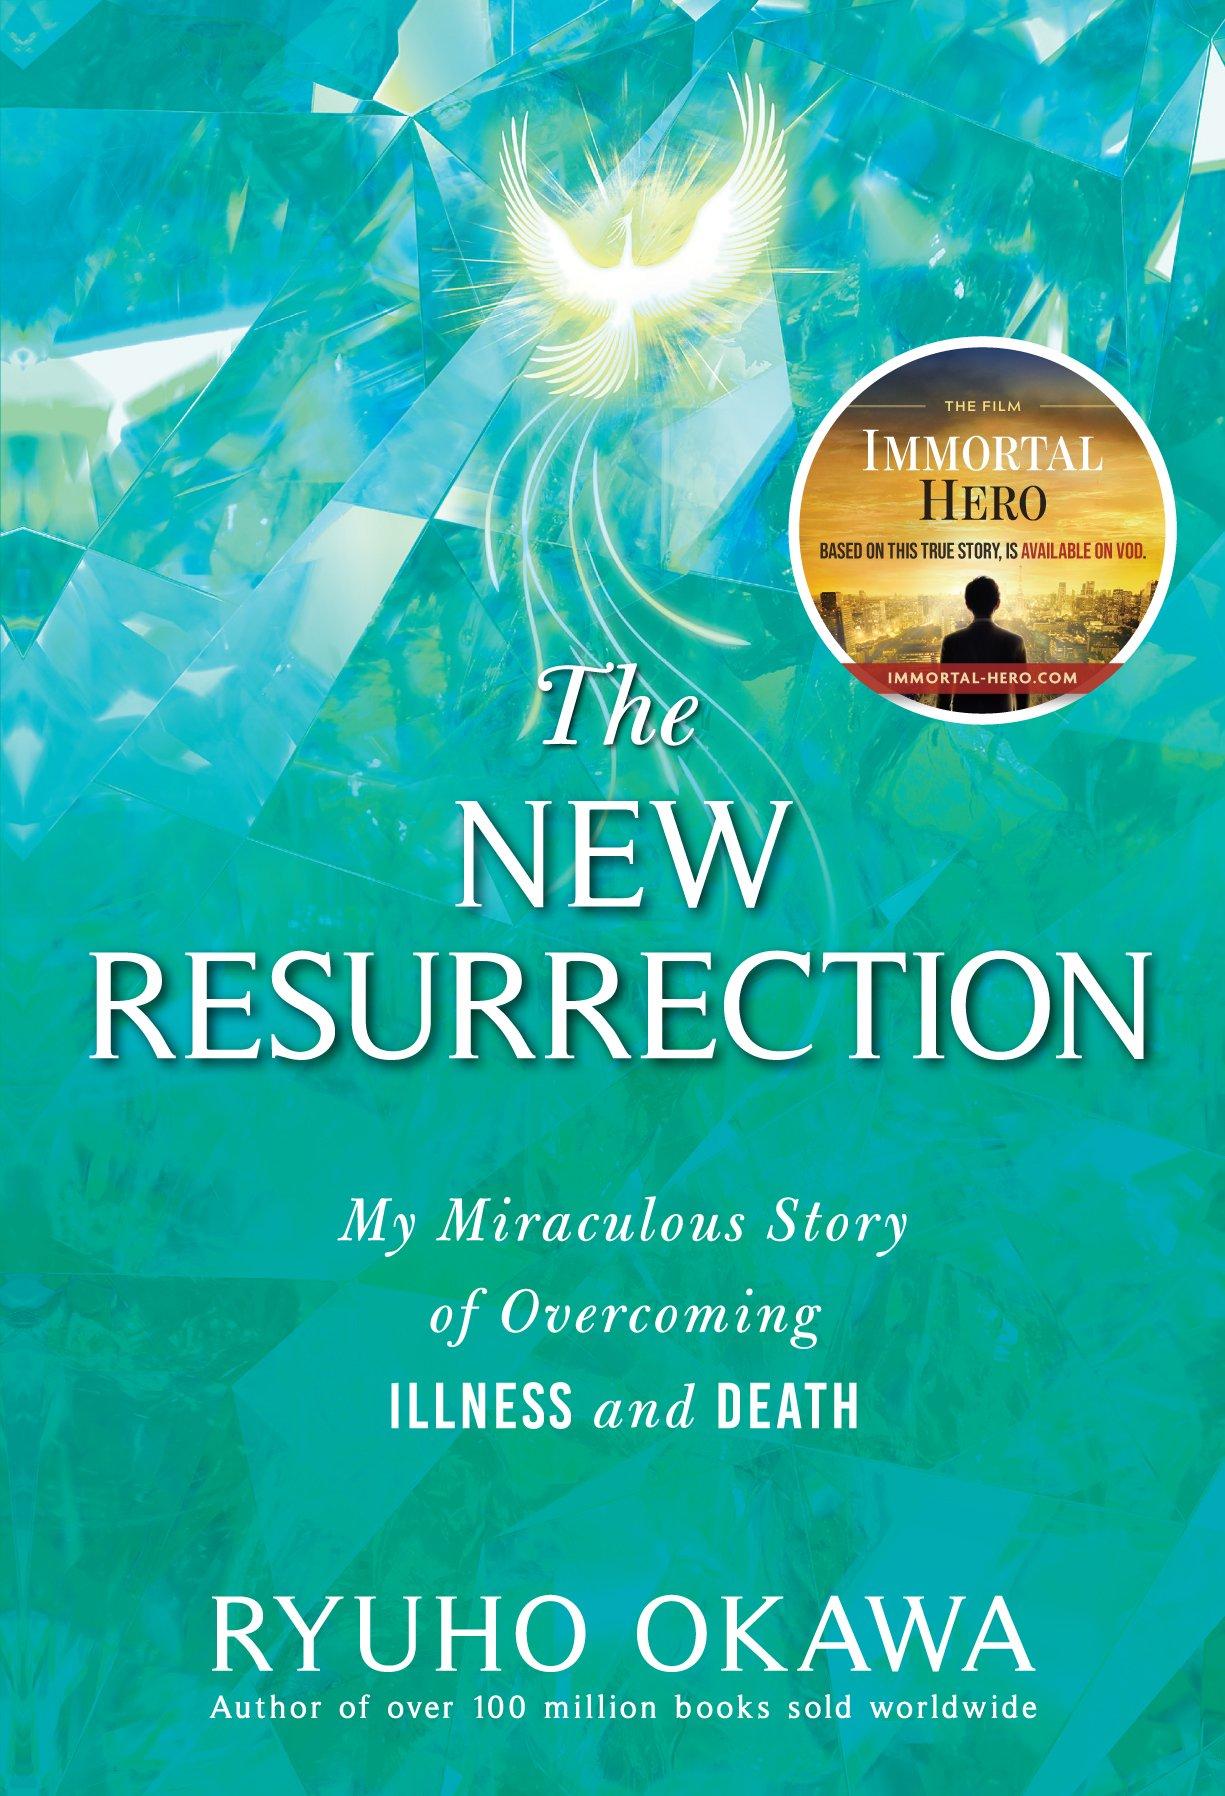 New Resurrection by Ryuho Okawa